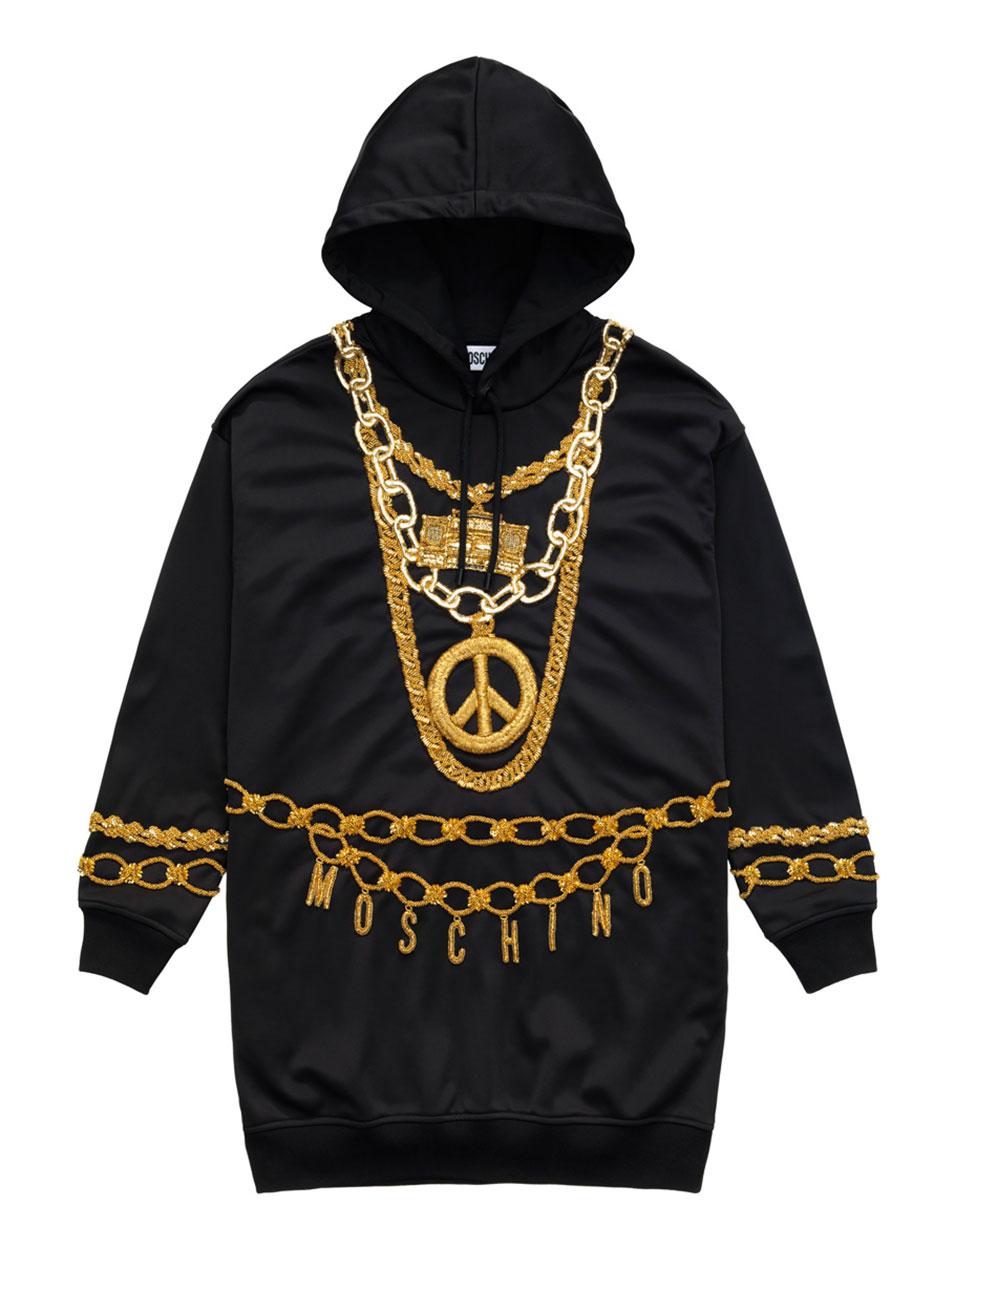 Svart längre hoodie med kedjor i guld broderade H&M x Moschino